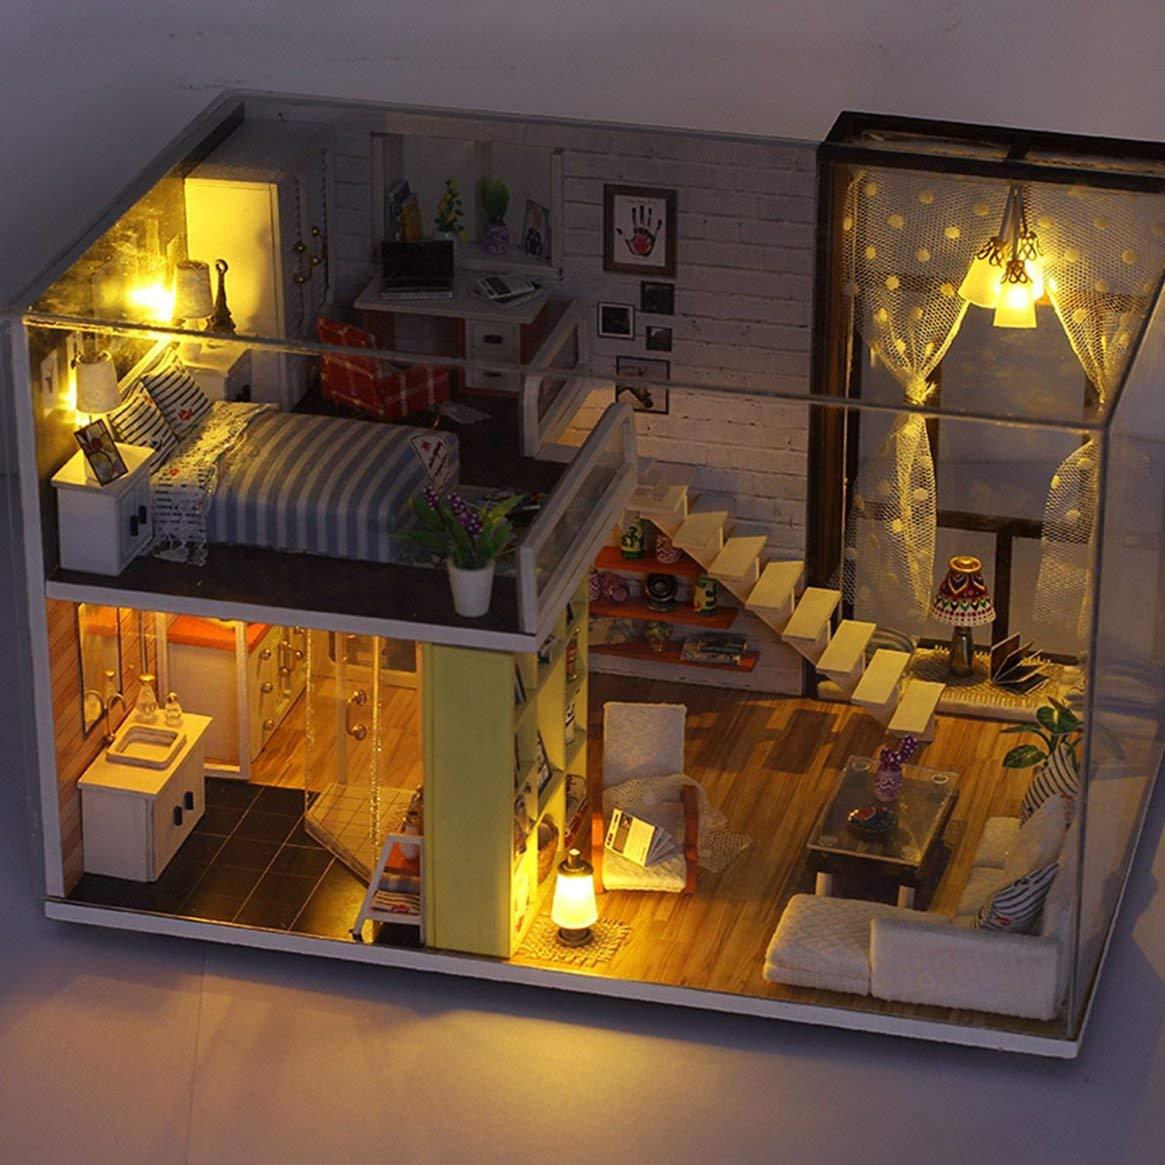 Casa de muñecas en miniatura en la ciudad simple Casa de muñecas en miniatura con muebles de estilo vintage Casa de madera en 3D Estilo de regalo de cumpleaños mejor - Mezclado de varios colores